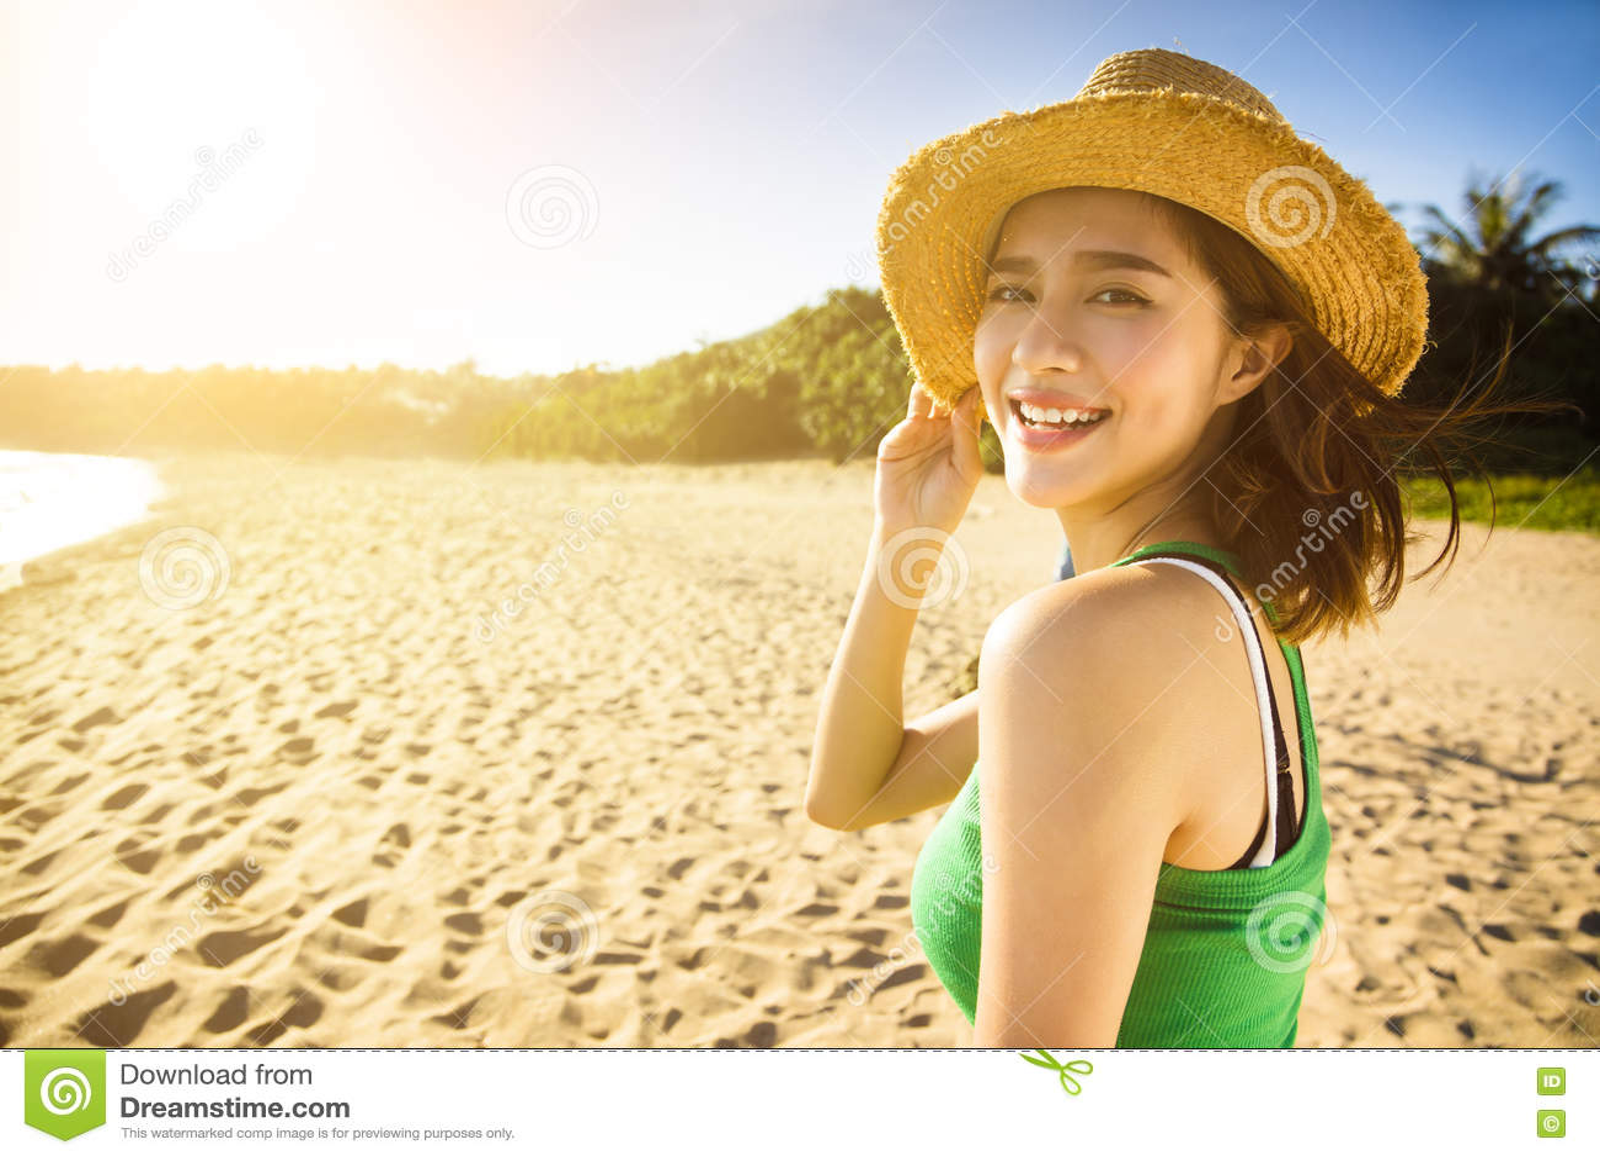 La mujer joven disfruta de vacaciones de verano en la playa